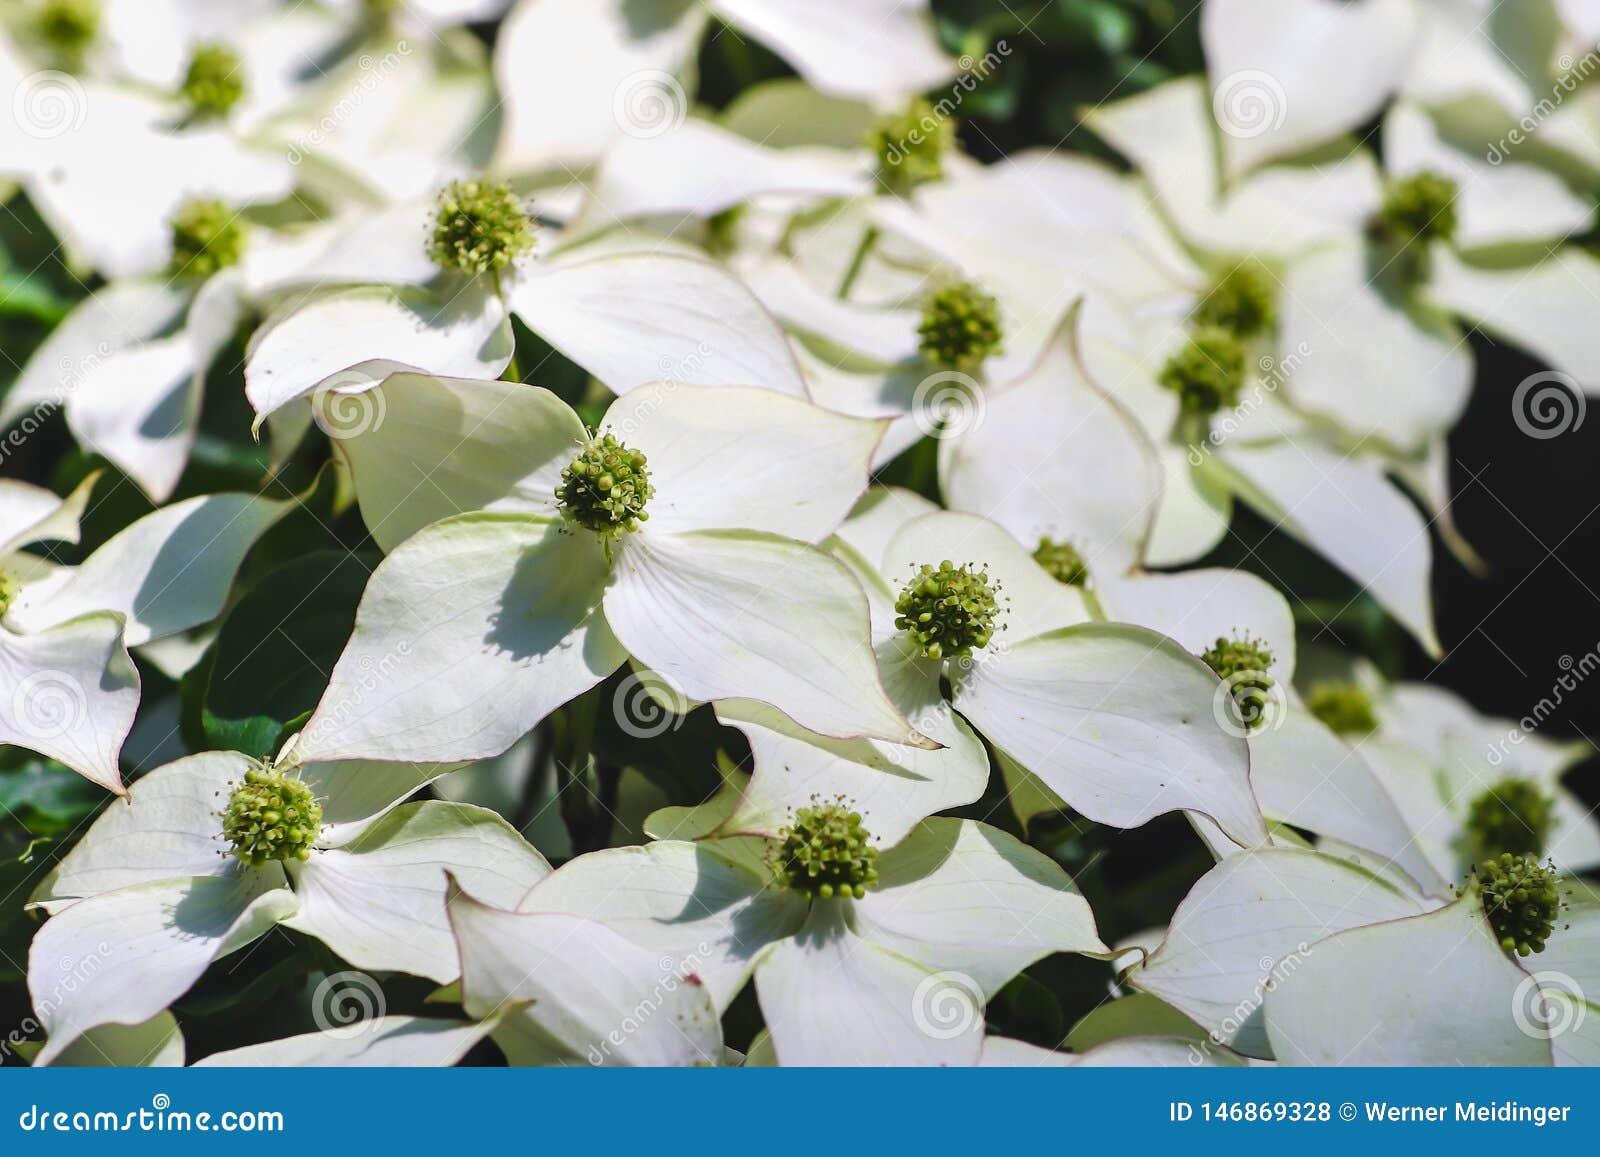 Witte pseudoflowers en groene bloemen van de Chinese Kornoelje, Aziatische Kornoelje, Cornus kousa